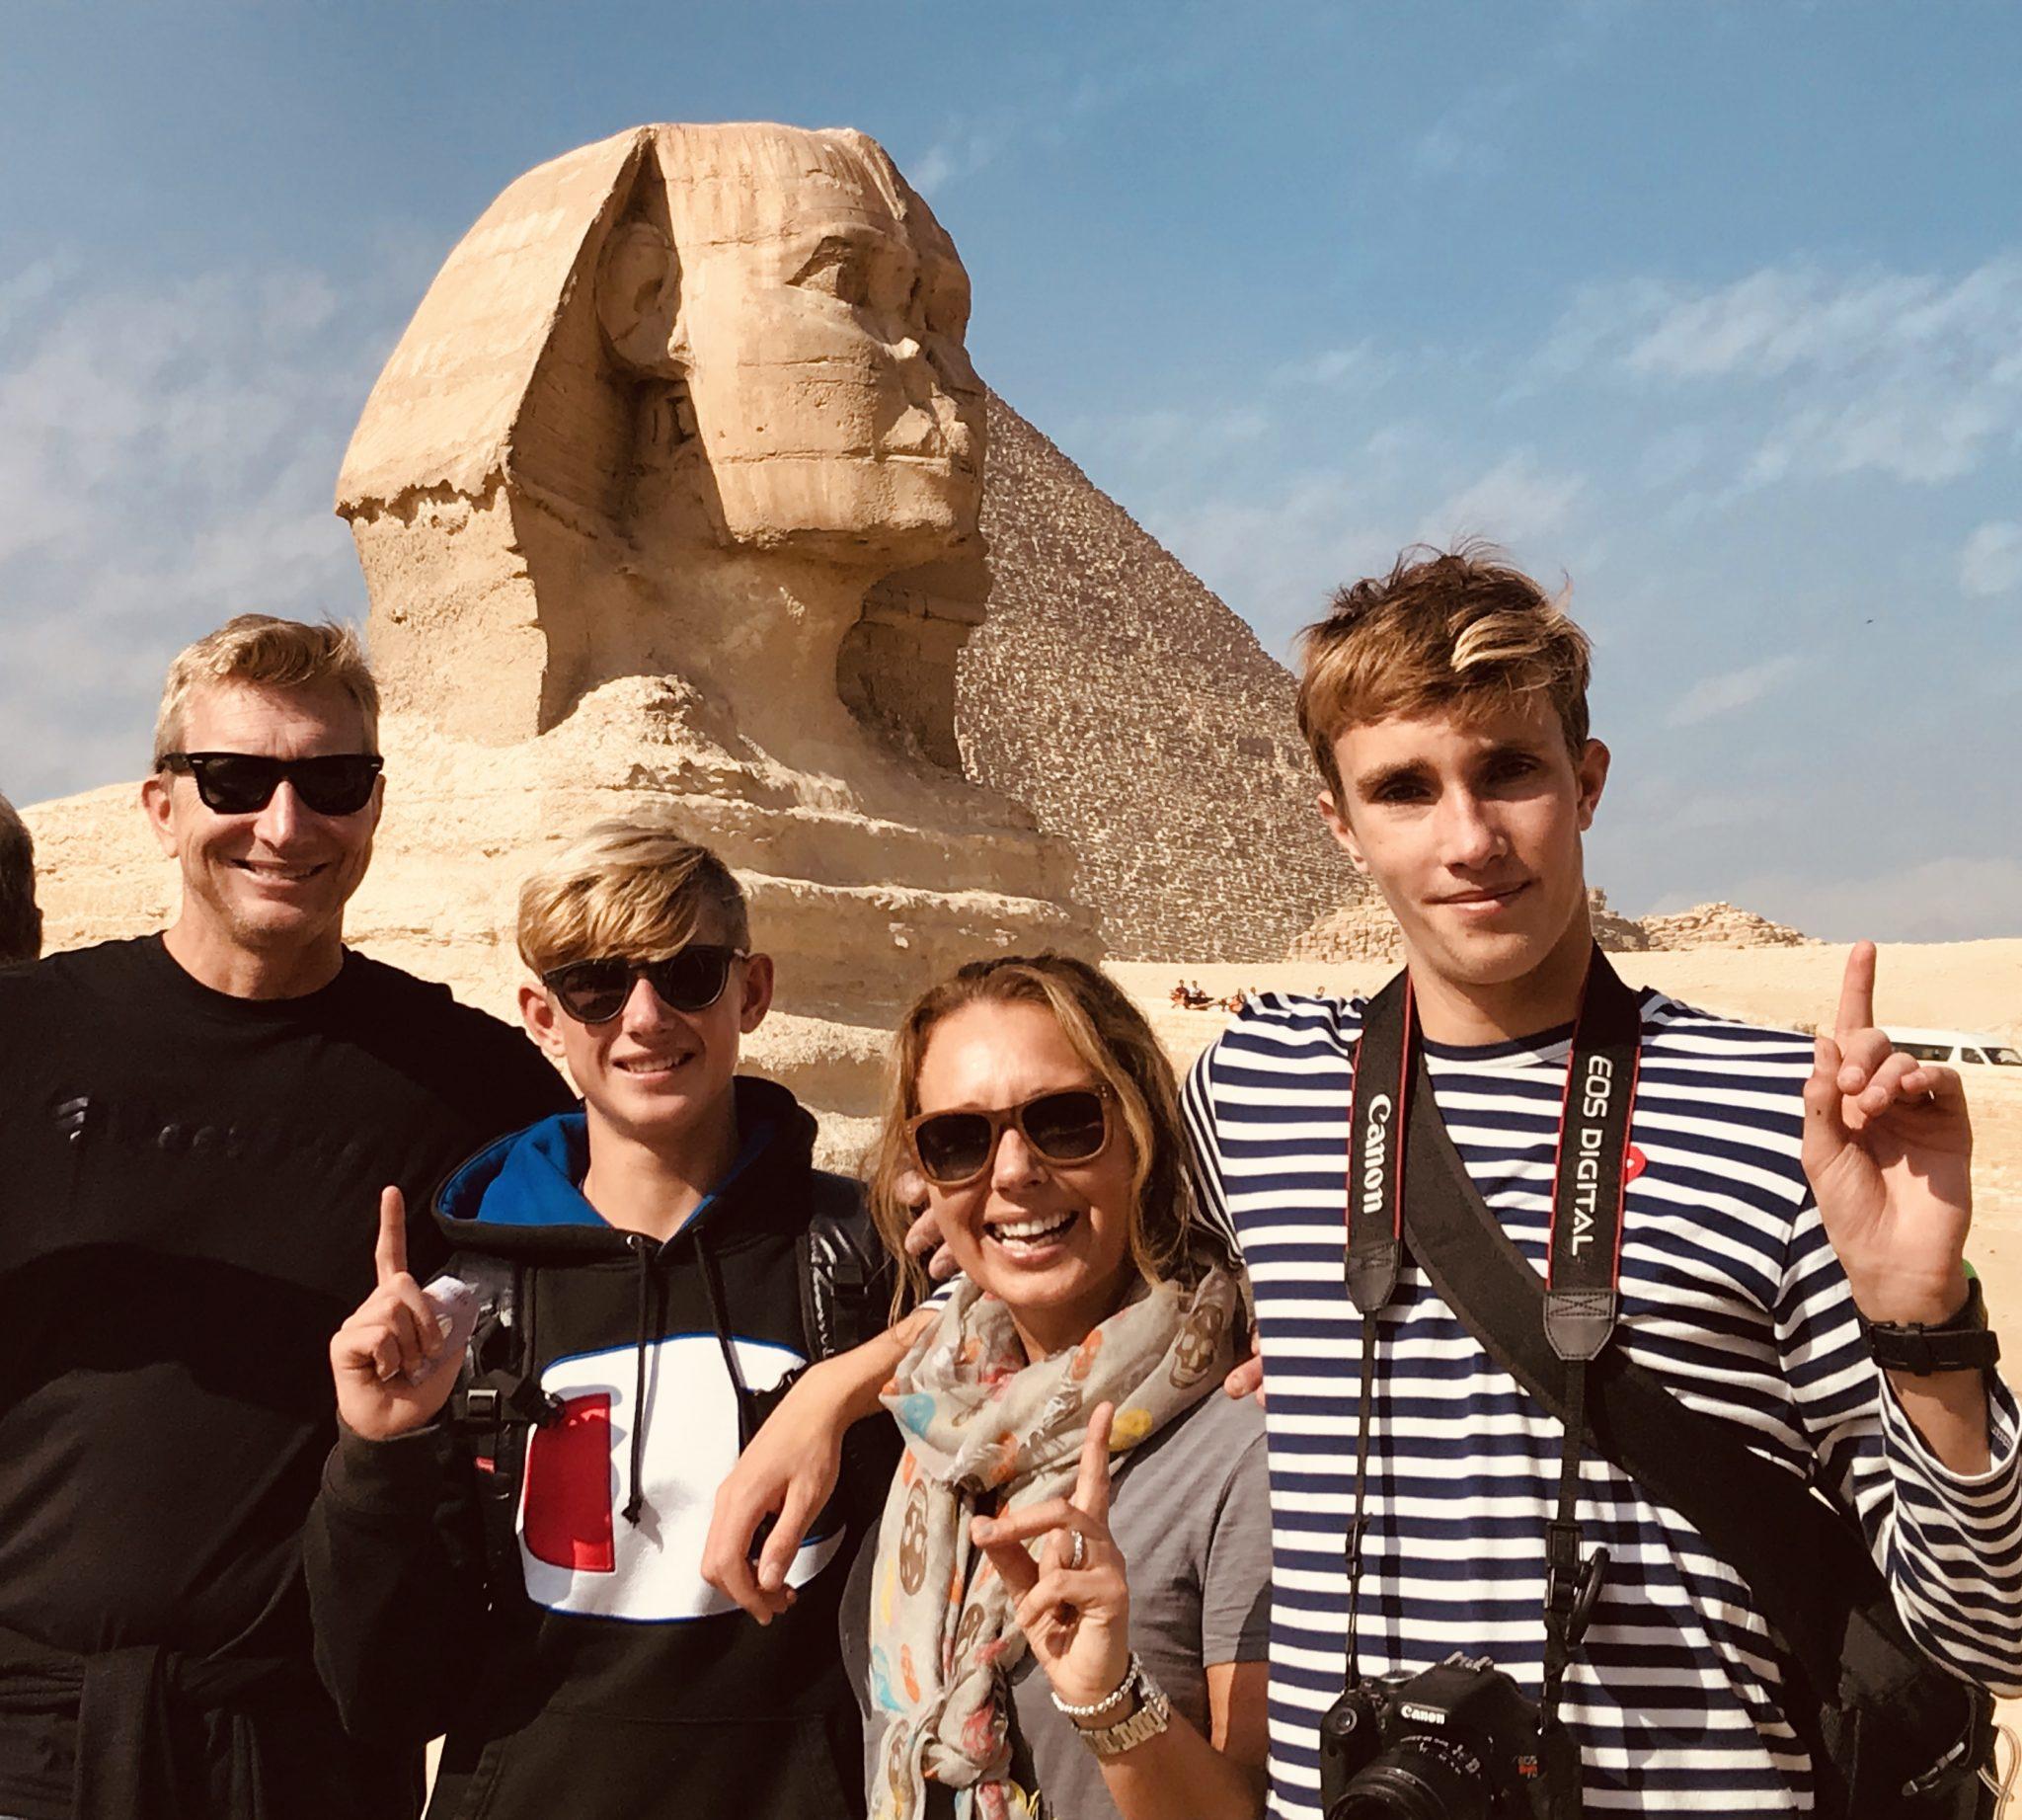 sphinx in cairo, pyramids of giza in egypt wiht family